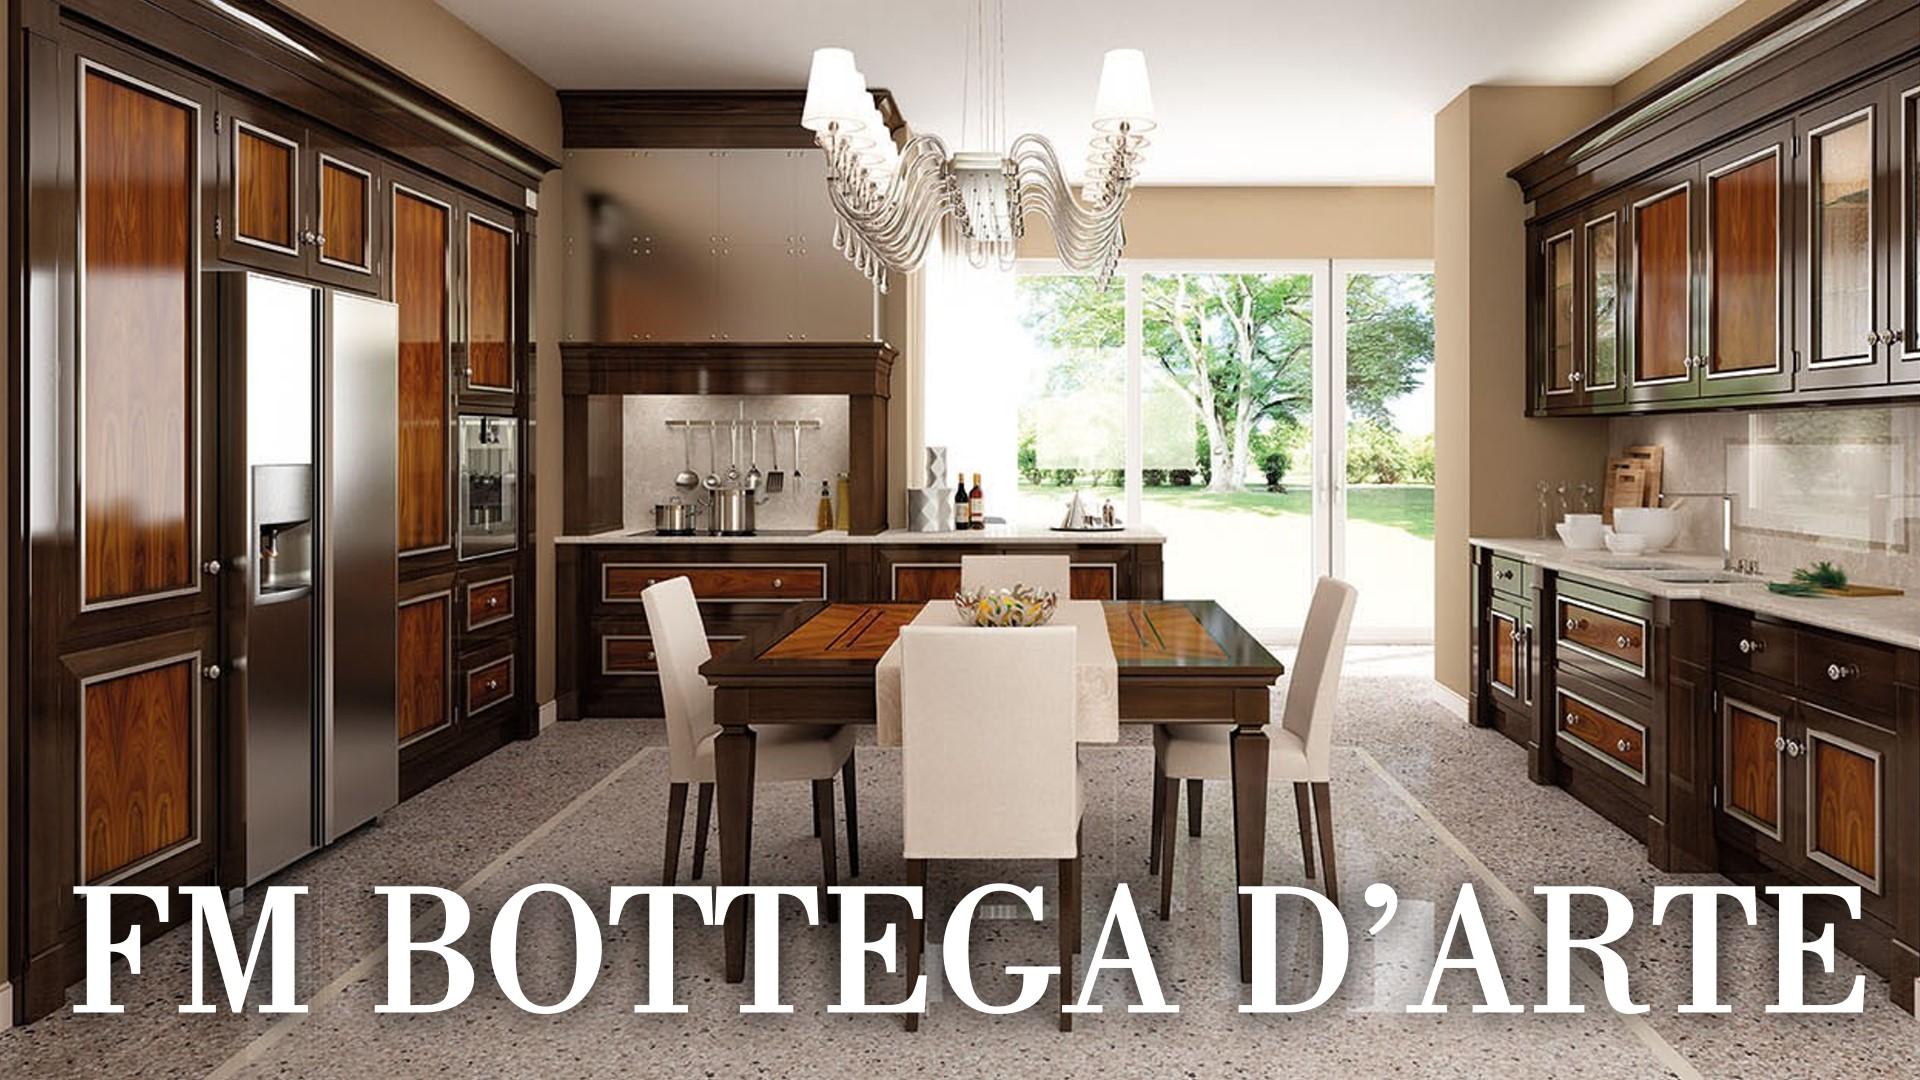 Кухни FM bottega d\'Arte – купить итальянскую кухню FM bottega d\'Arte в  Москве